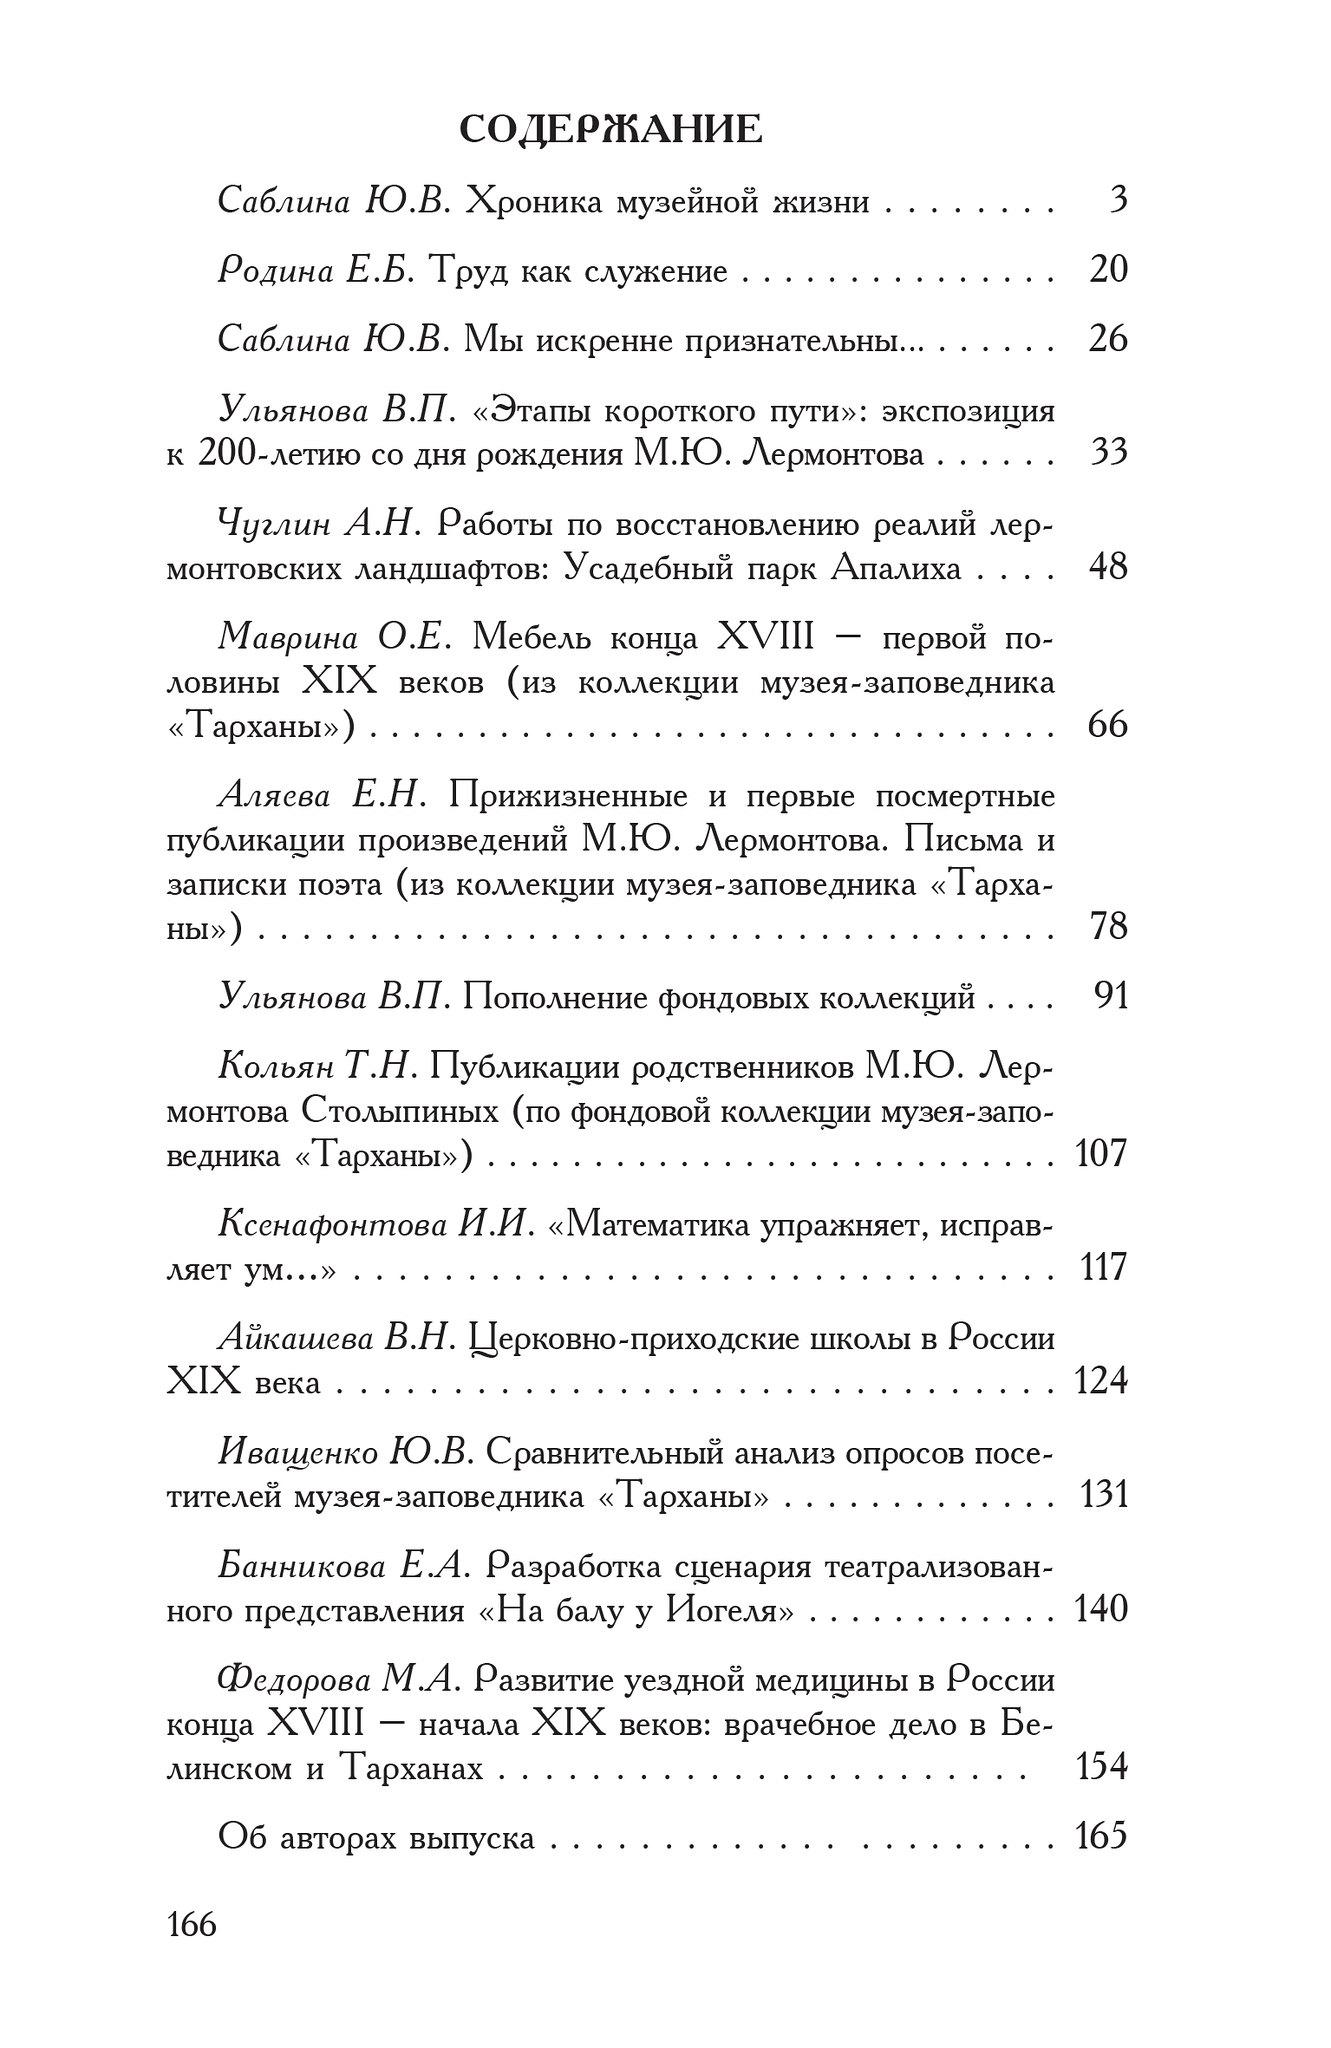 Содержание 28-го тарханского вестника